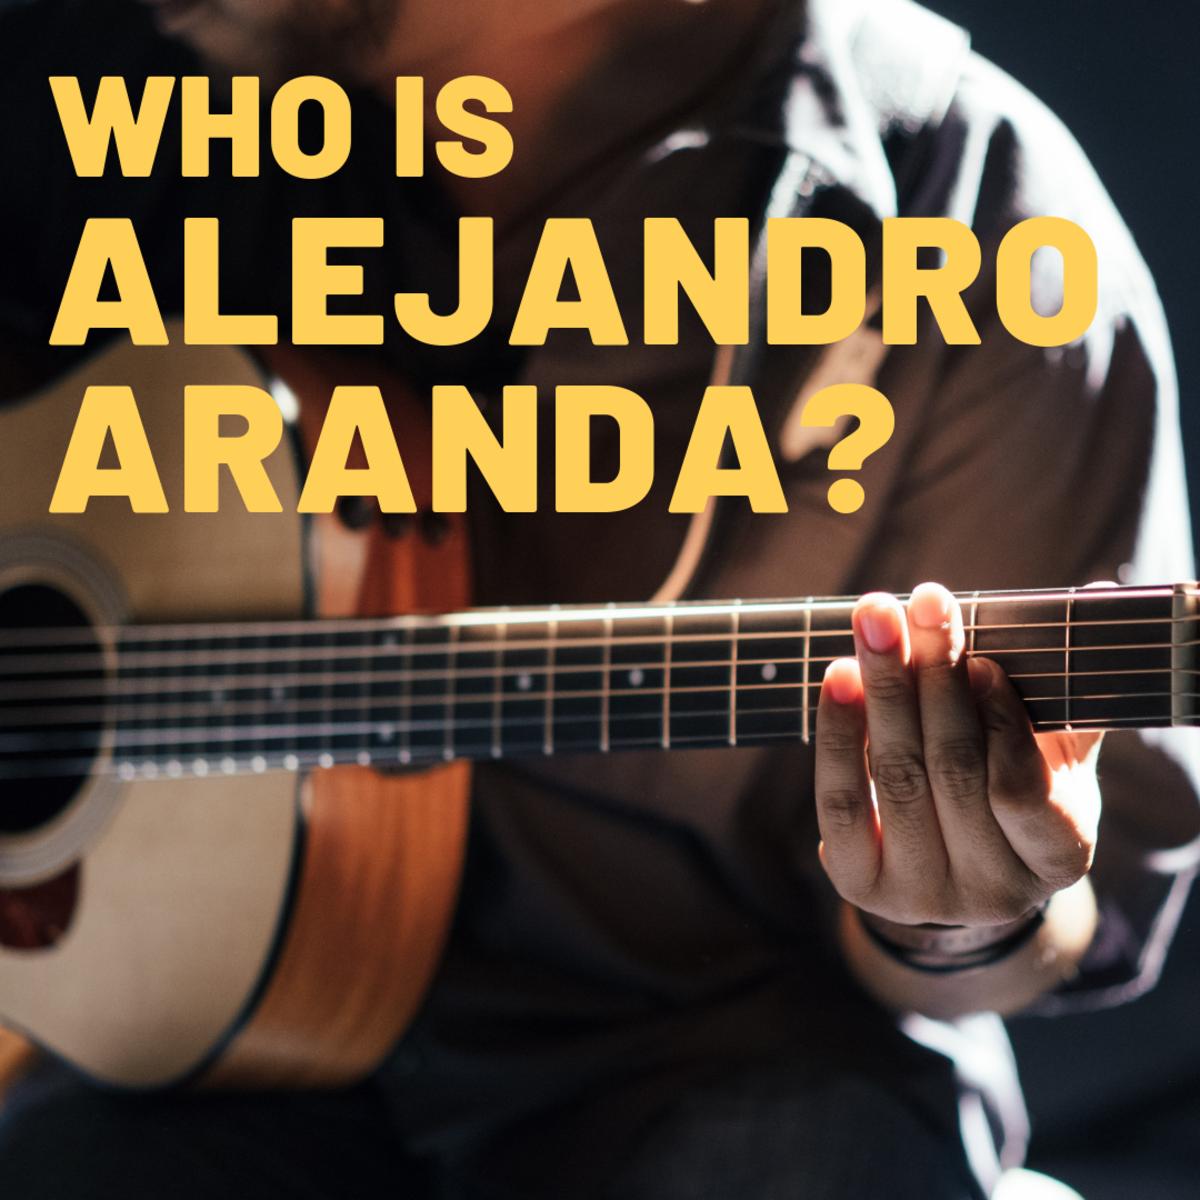 Who is Alejandro Aranda?